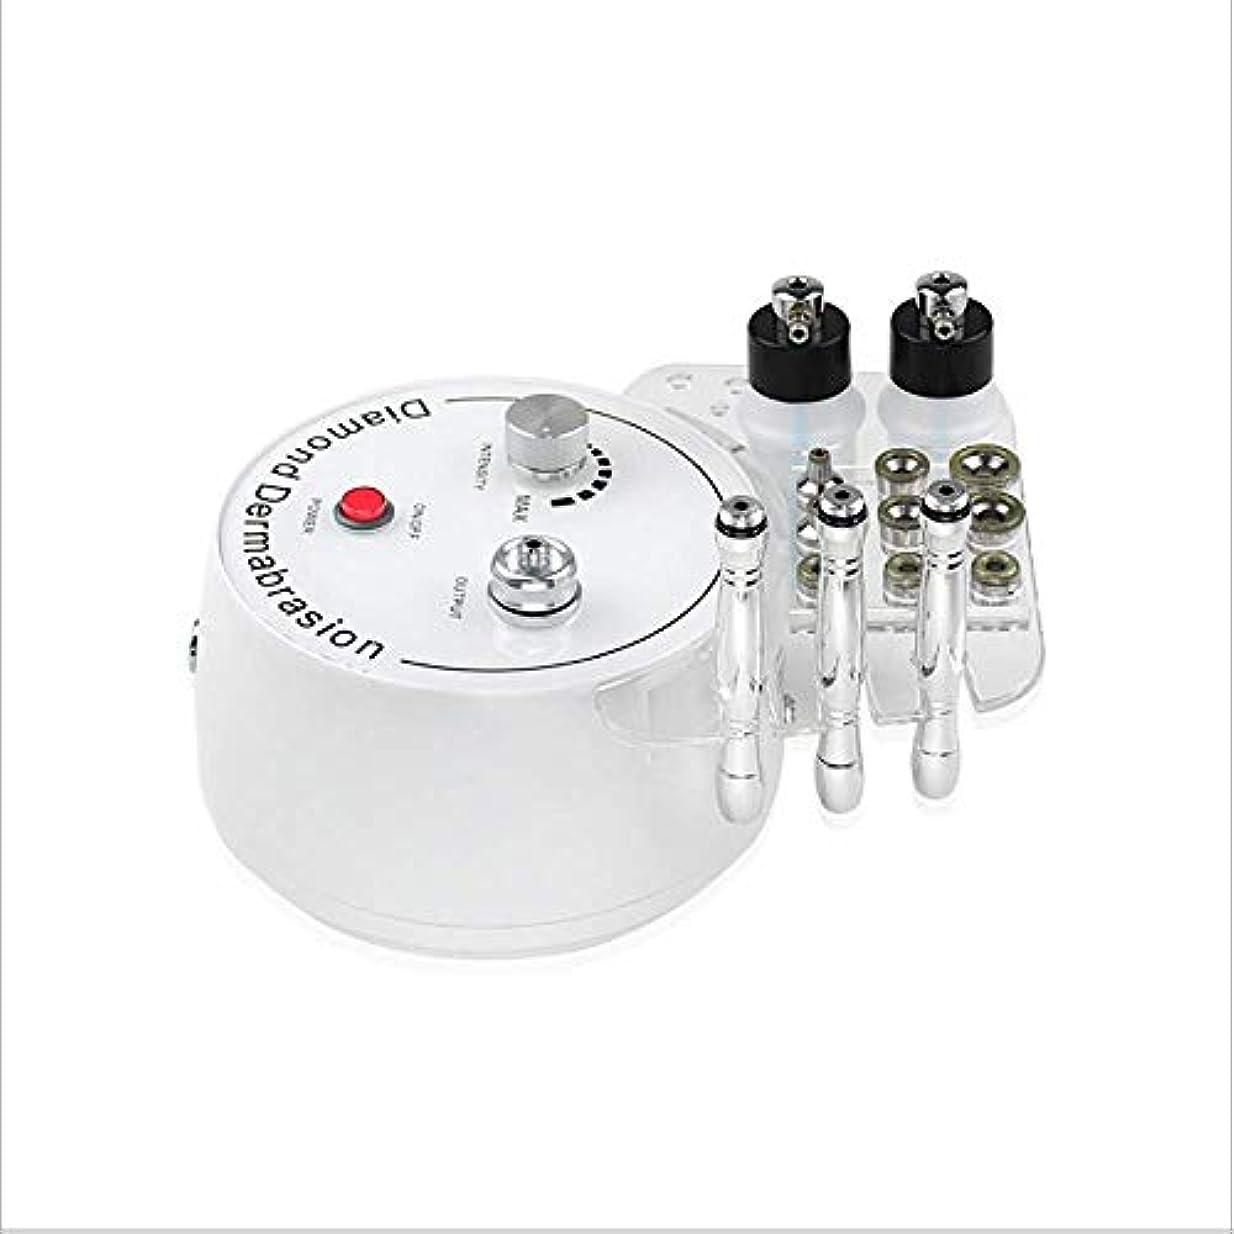 連結する急速な伴う3で1ダイヤモンドマイクロダーマブレーション、斑点除去マイクロダーマブレーションフェイシャルマシンの噴霧器真空と多機能皮膚剥離機